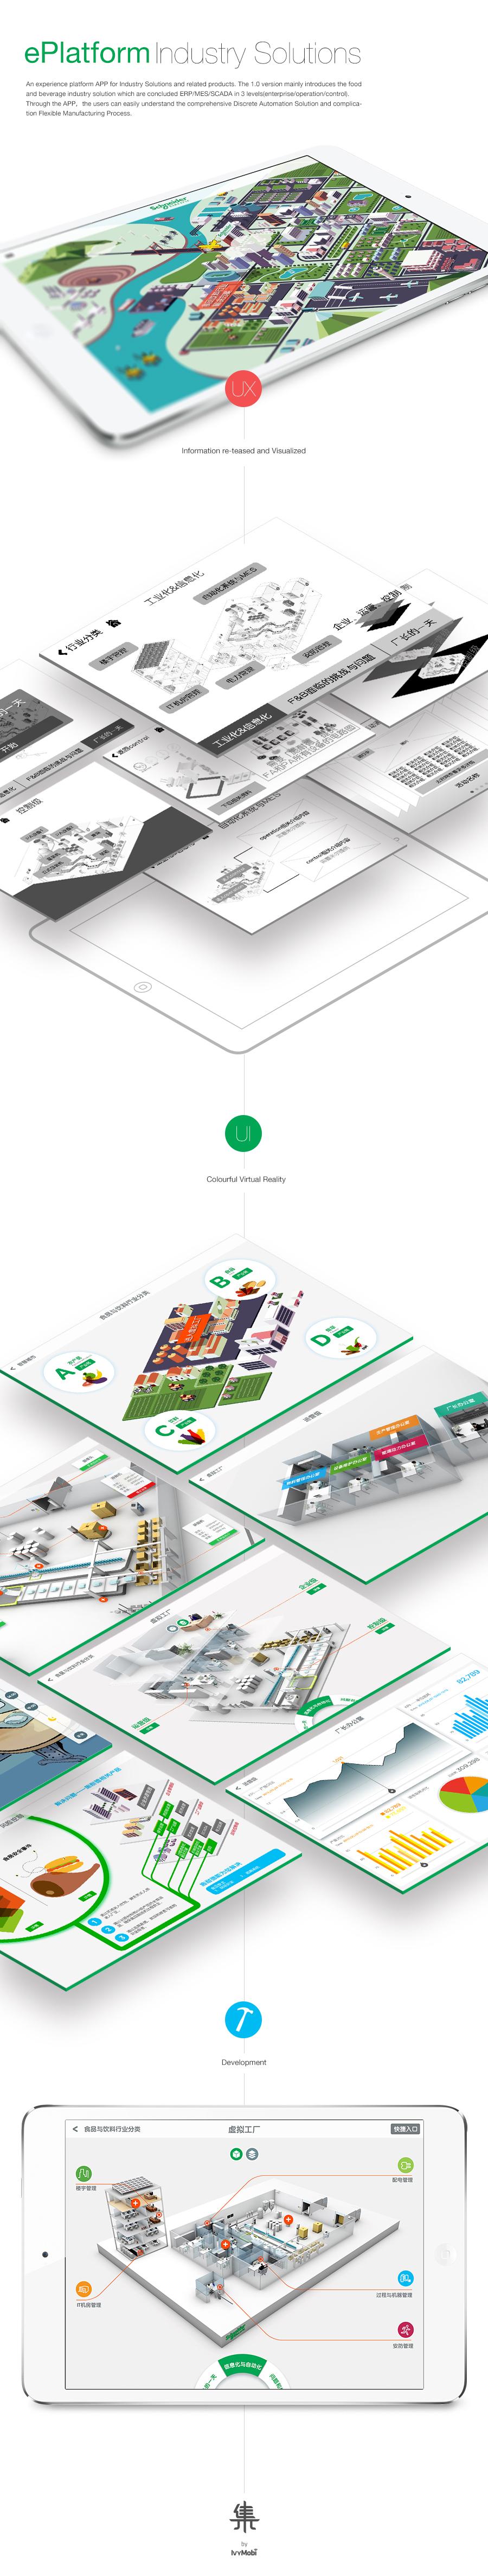 查看《ePlatform of Industry Solutions》原图,原图尺寸:900x4752